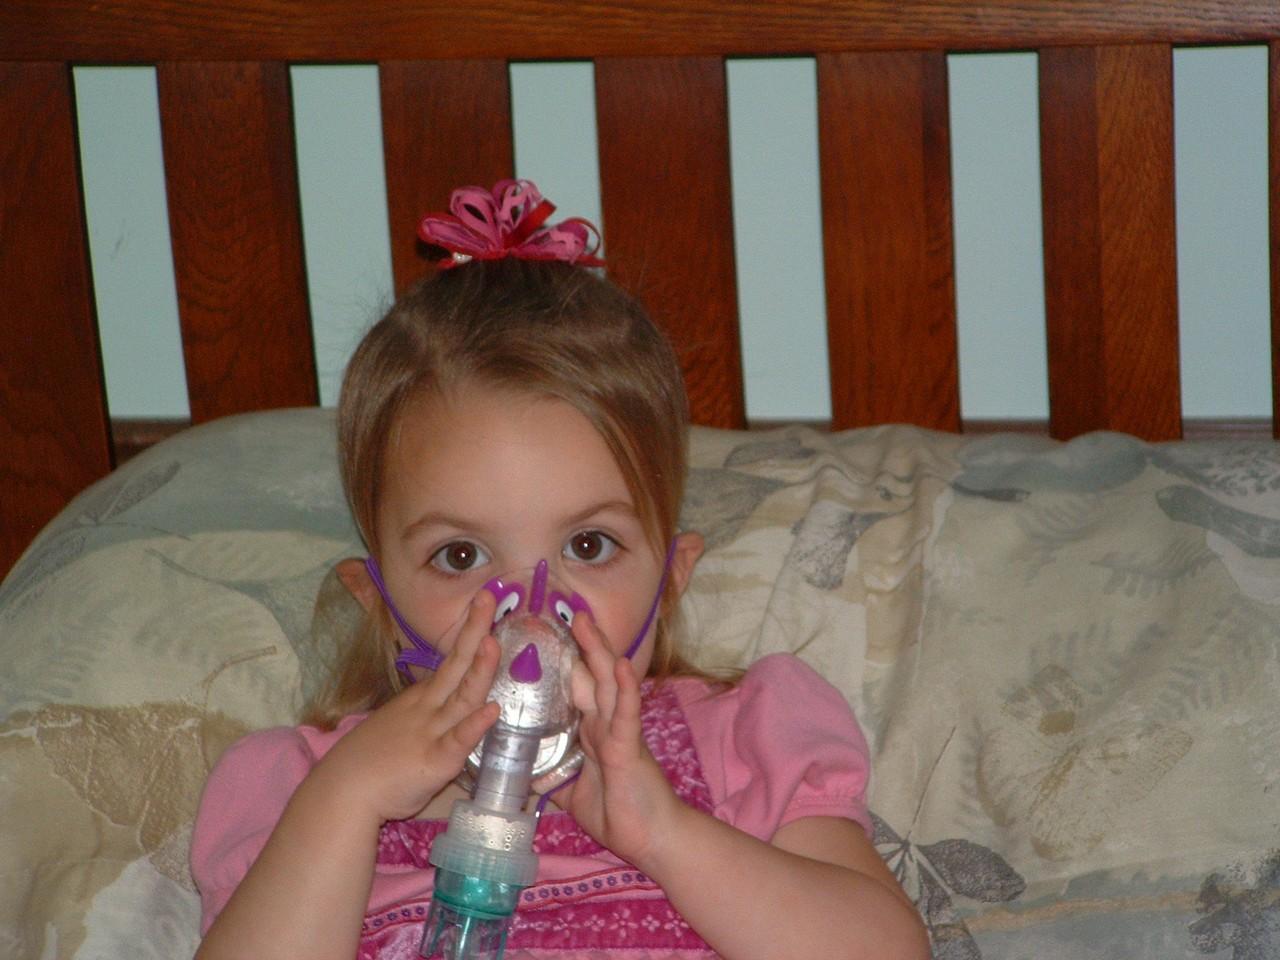 Breathing Treatment Options To Cure Sleep Apnea  Sleep